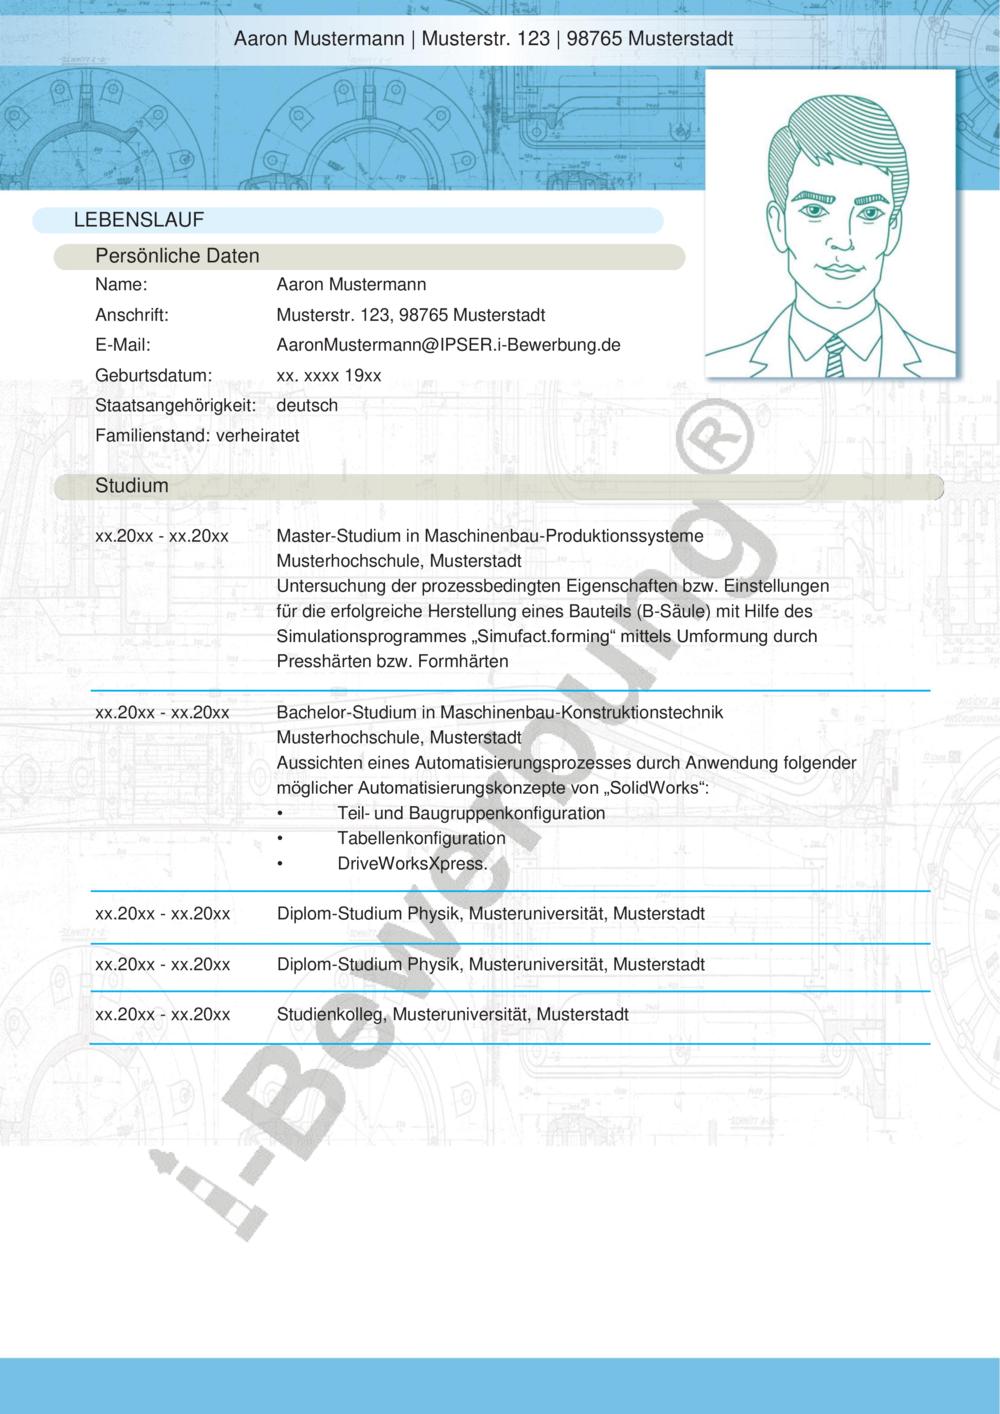 Vorlagen und Muster für den Lebenslauf zur Initiativbewerbung